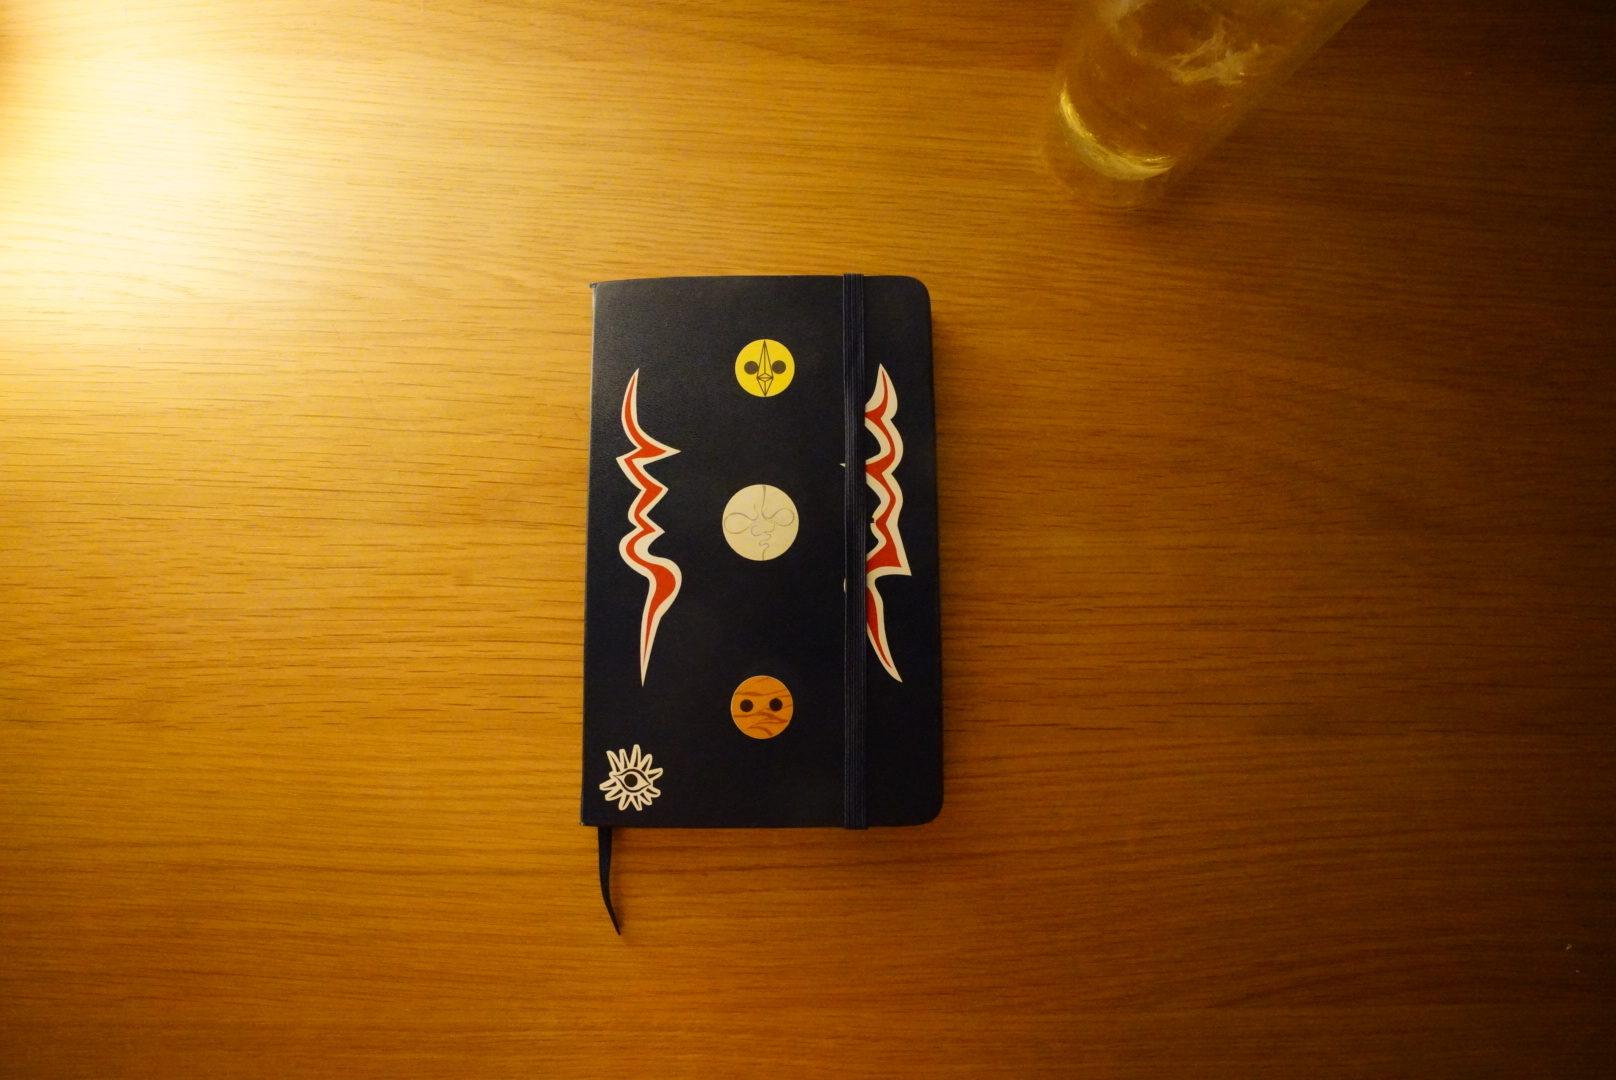 ガシガシ使い込むアンティークなノート『モレスキン』